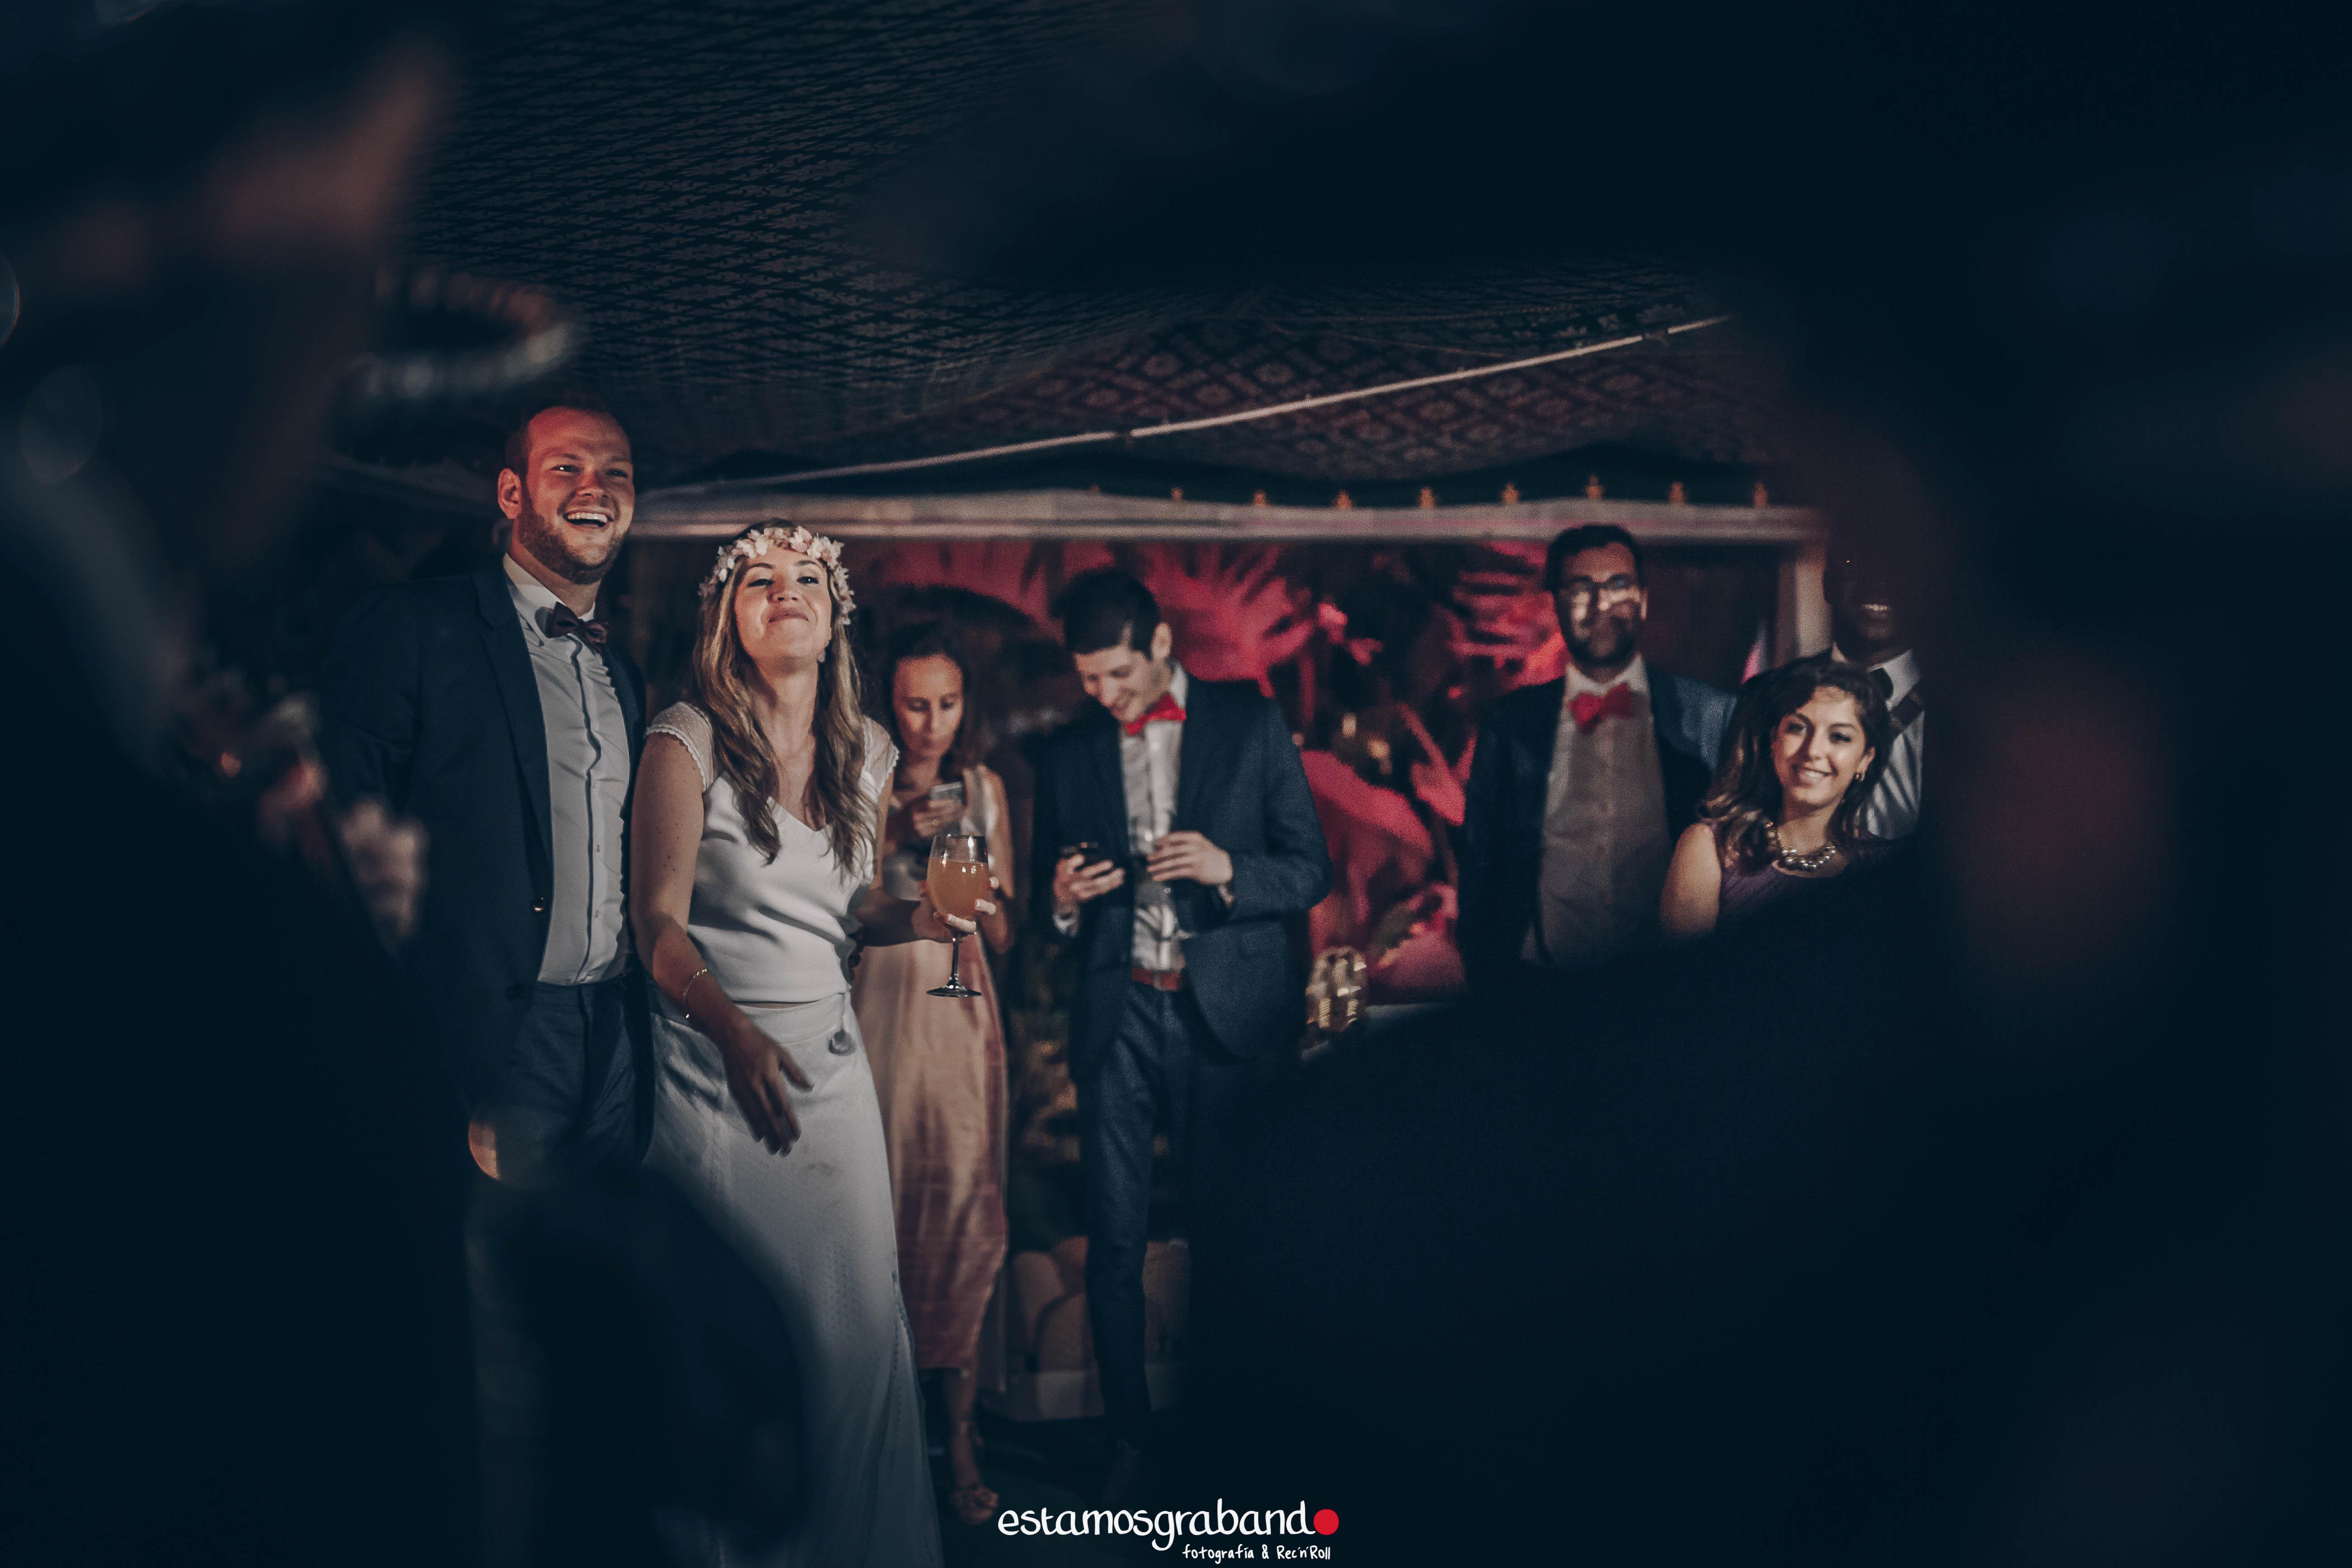 Alejandra-Jeremy-126 ALEJANDRA & JEREMY_FOTOGRAFIA DE BODA (TIMÓN DE ROCHE) - video boda cadiz